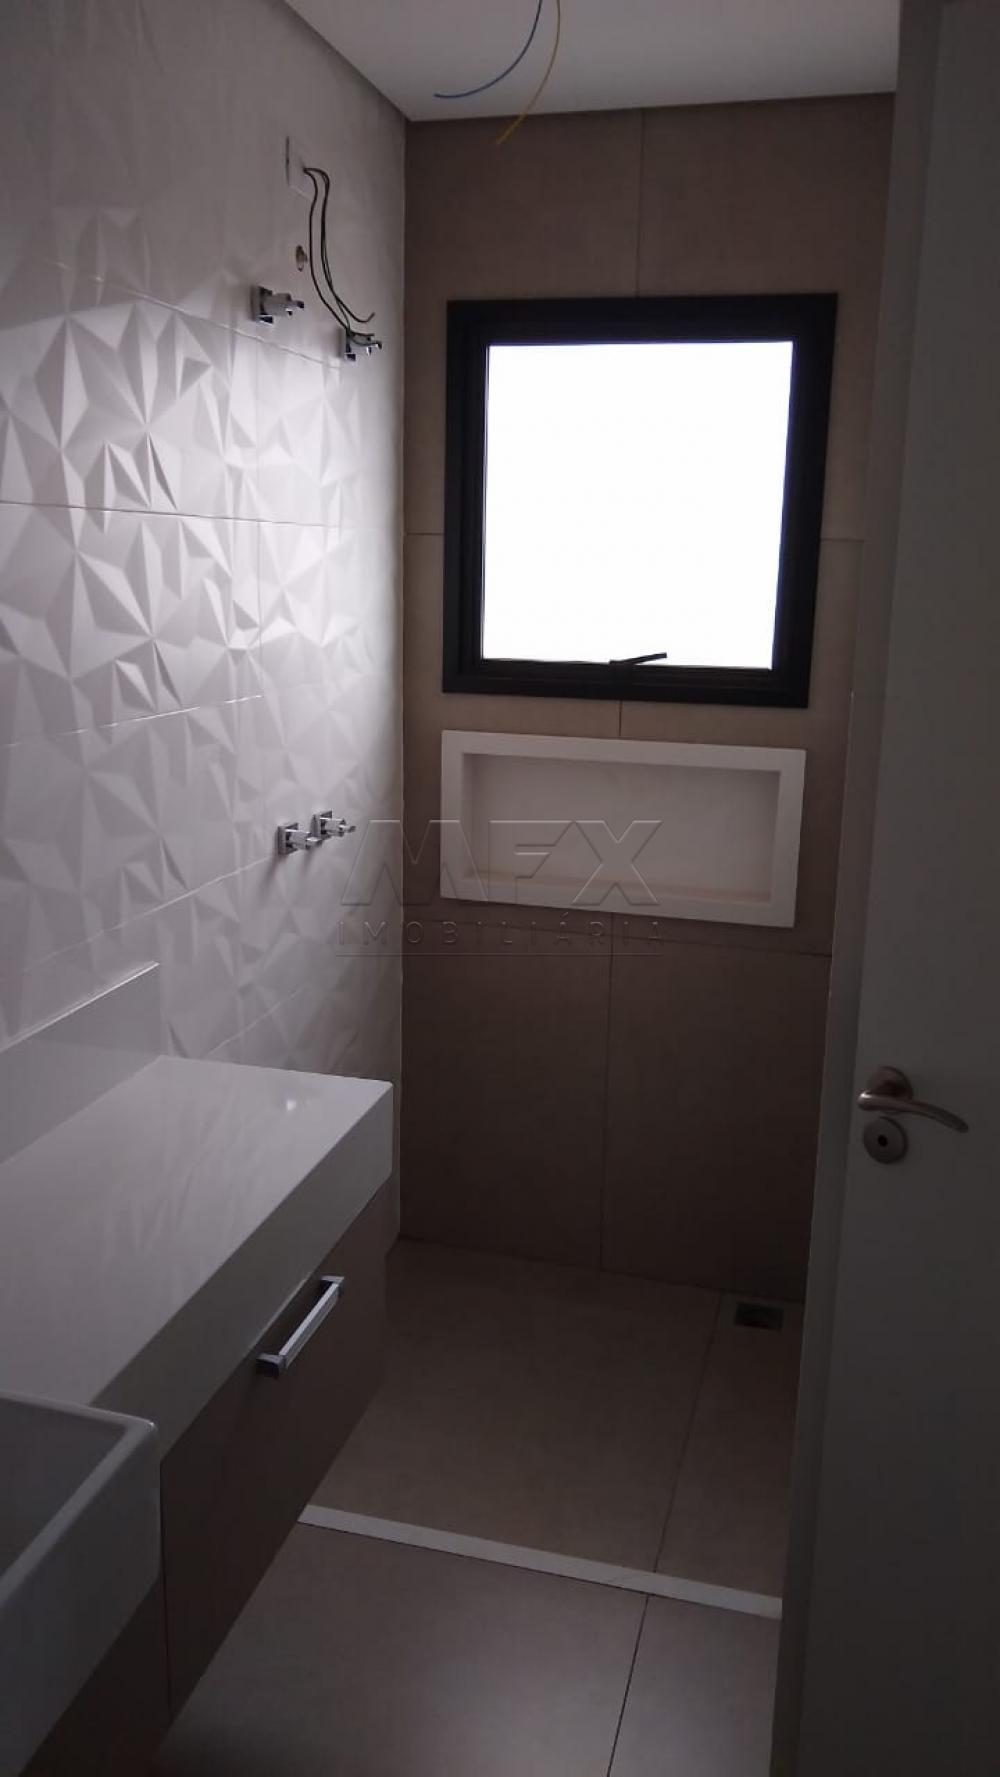 Comprar Apartamento / Cobertura em Bauru apenas R$ 600.000,00 - Foto 7